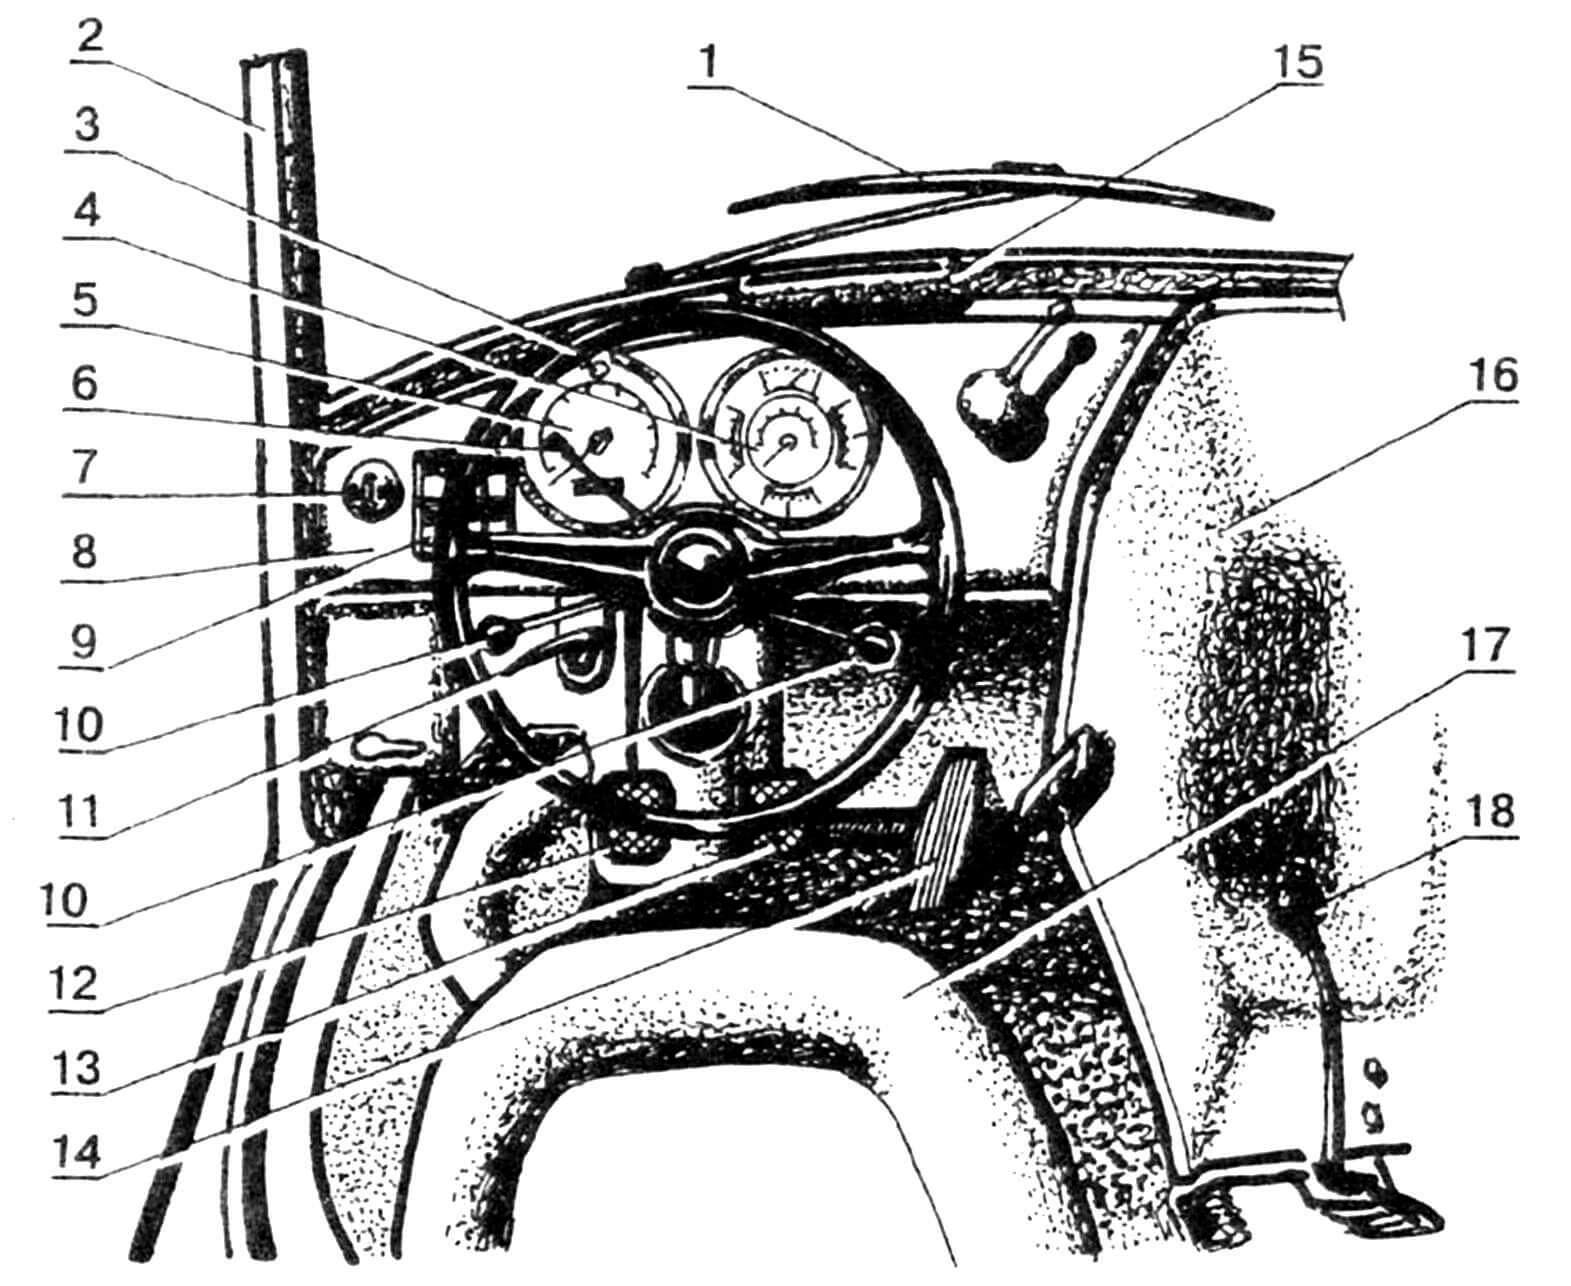 Рабочее место водителя: 1 — стеклоочиститель, 2 — рамка ветрового стекла, 3 — колесо рулевое, 4 — прибор комбинированный, 5 — спидометр, 6 — переключатель комбинированный, 7 — замок зажигания, 8 — панель приборов, 9 — блок переключателей, 10 — рычаги гидрокранов, 11 — рычаг стояночного тормоза, 12 — педаль сцепления, 13 — педаль тормоза, 14 — педаль «газа», 15 — сопло обдува стекла, 16 — кожух двигателя, 17 — сиденье, 18 — рычаг переключения передач